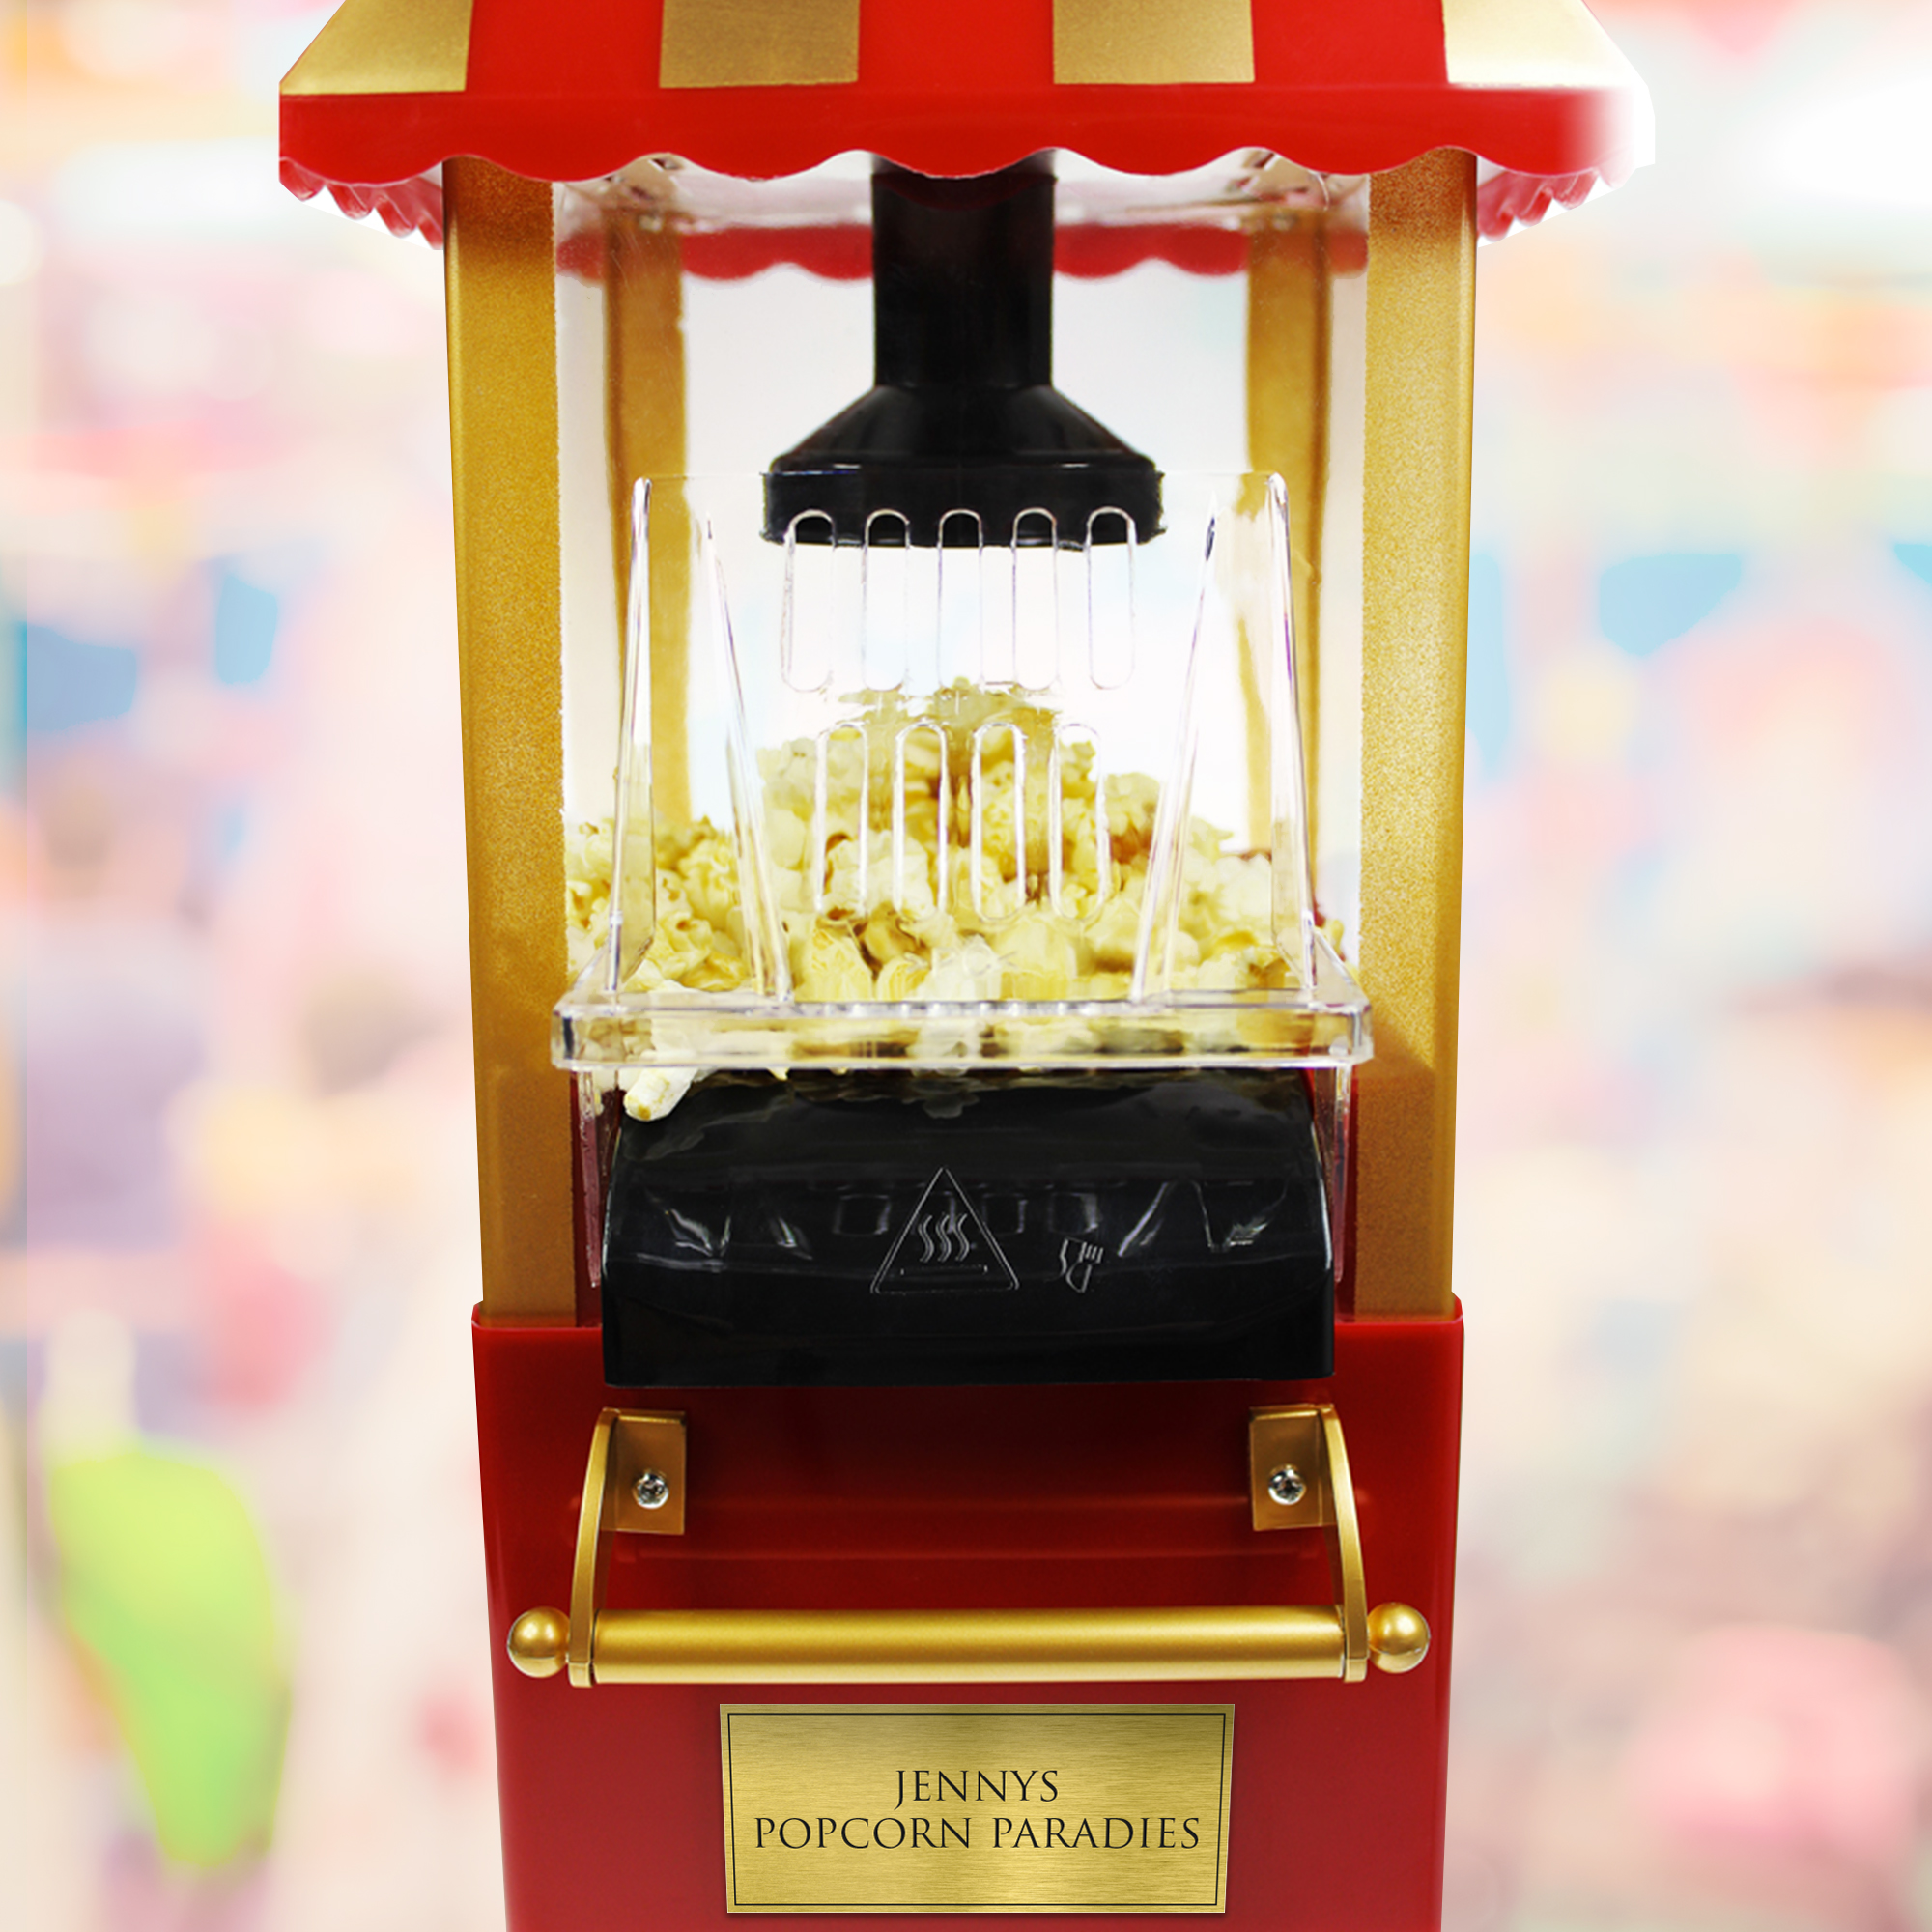 Retro Popcornmaschine mit Wagen - 2